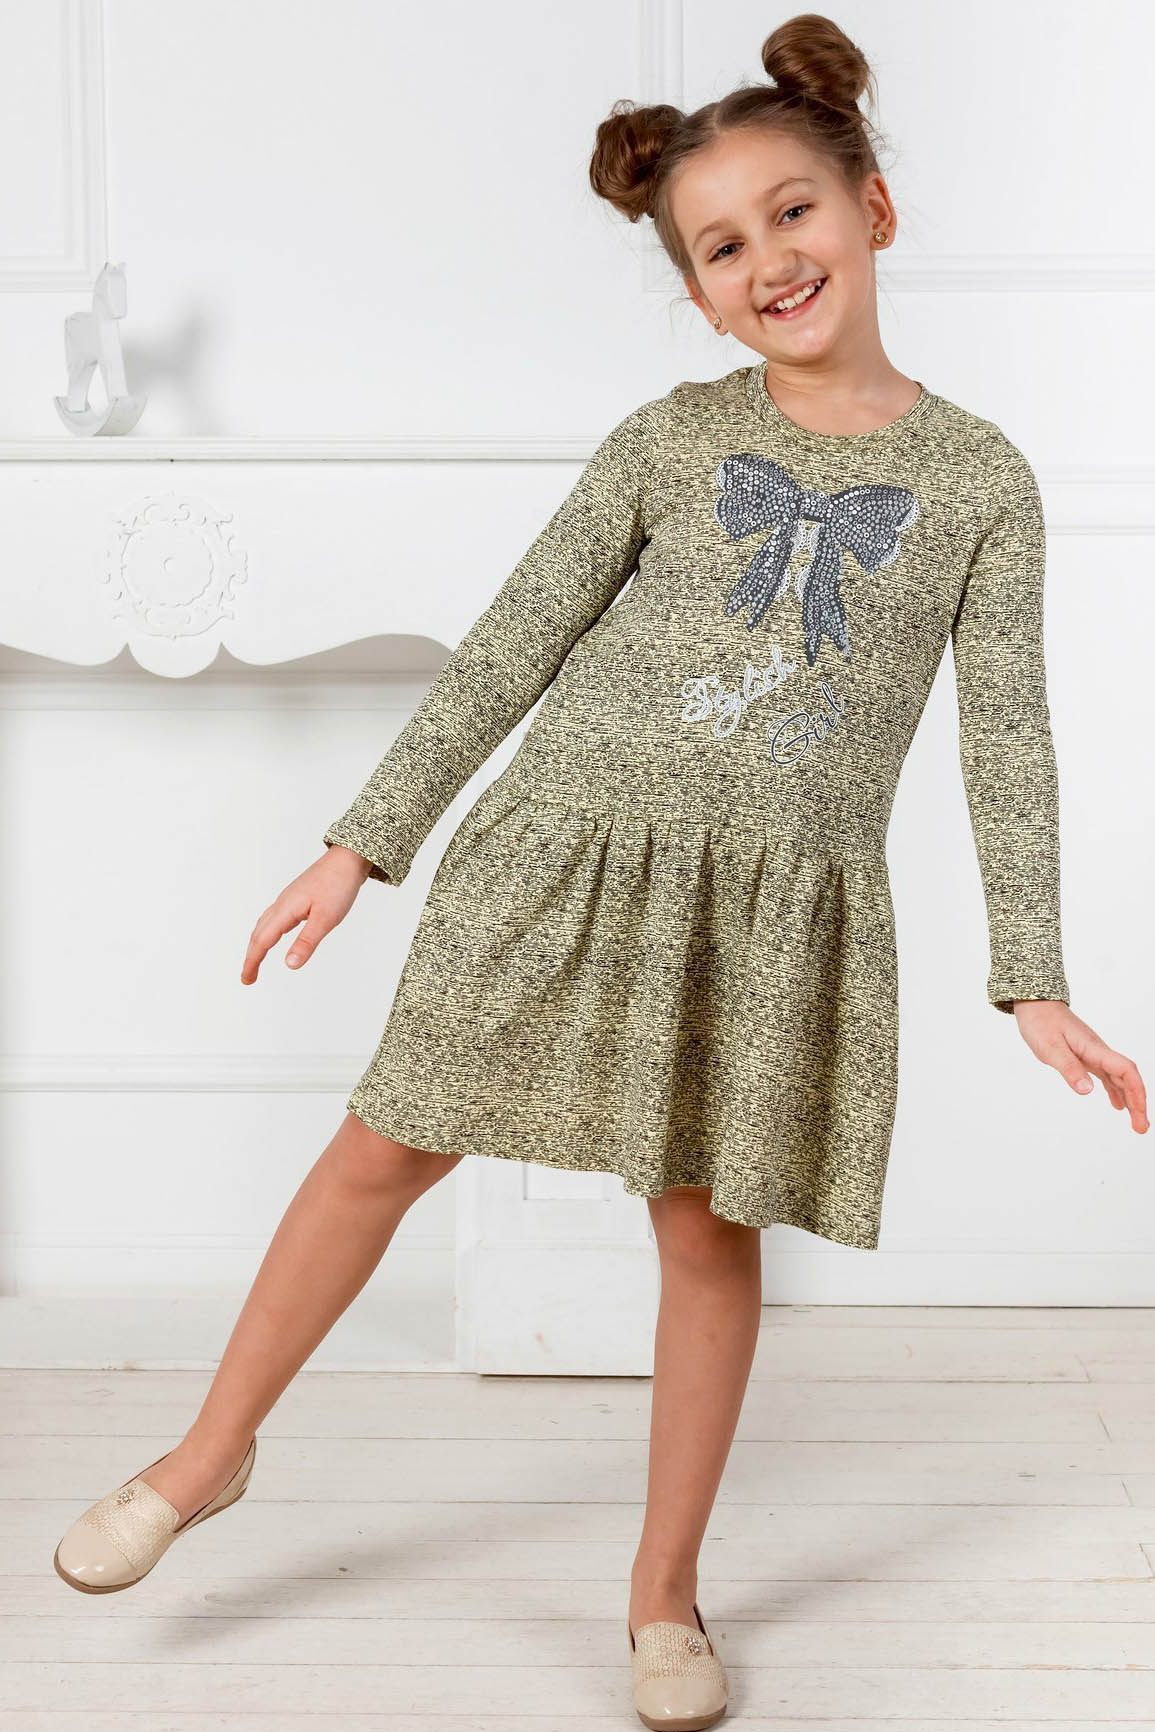 Детская домашняя одежда Pastilla Платье Маленькая Леди (4-5 лет) маленькая фея детская одежда